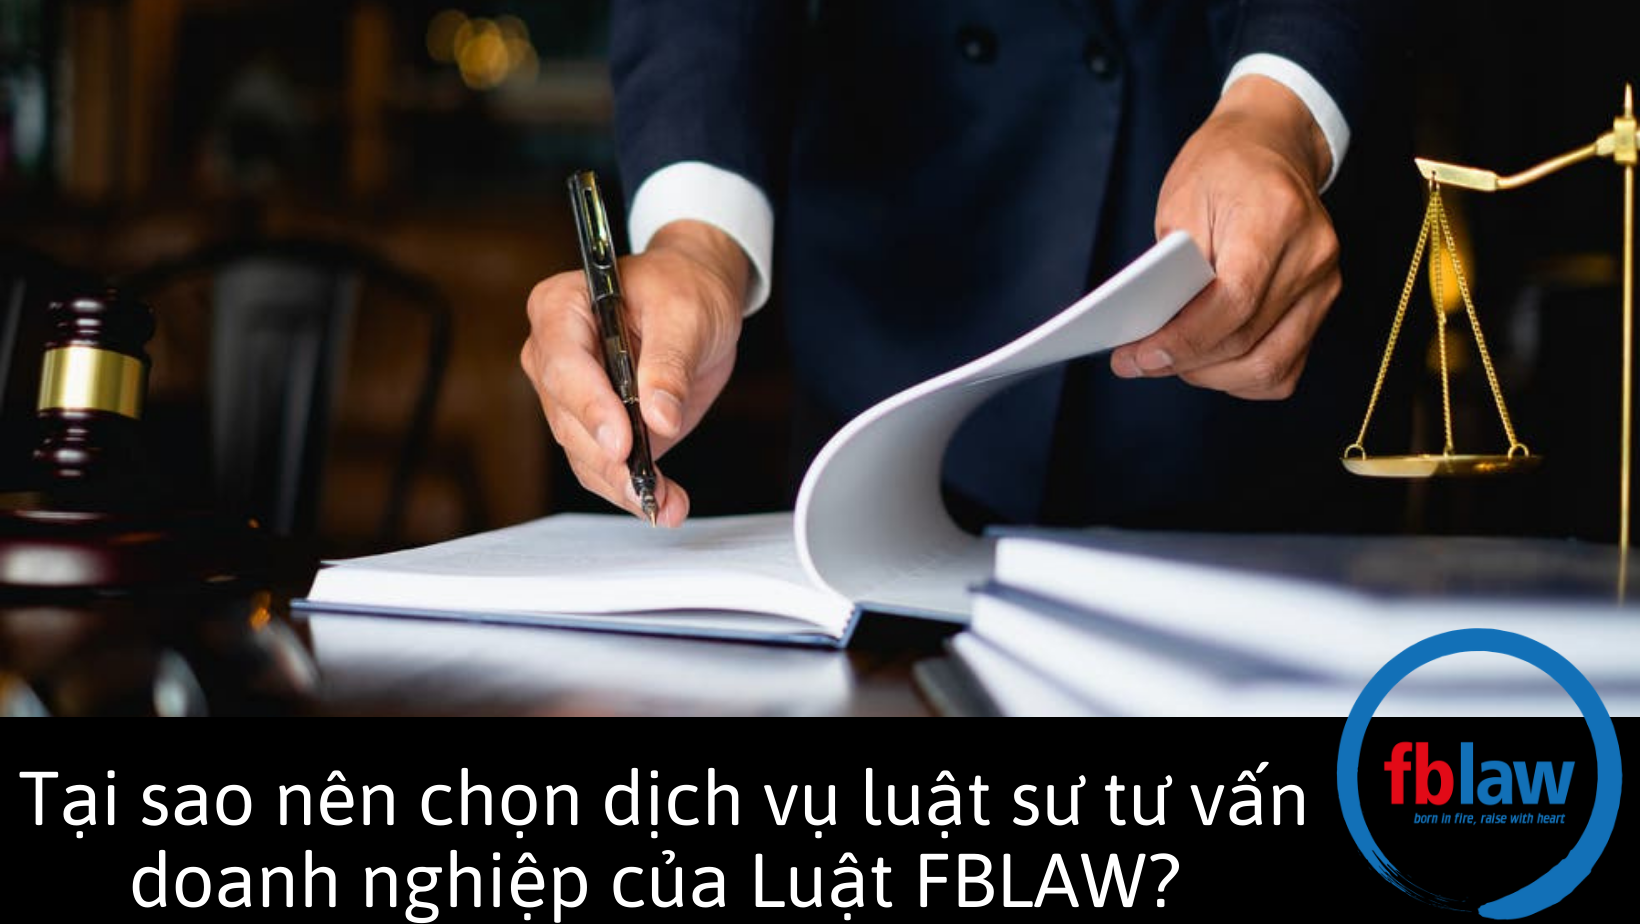 dịch vụ luật sư tư vấn doanh nghiệp tại Hà Tĩnh của Fblaw